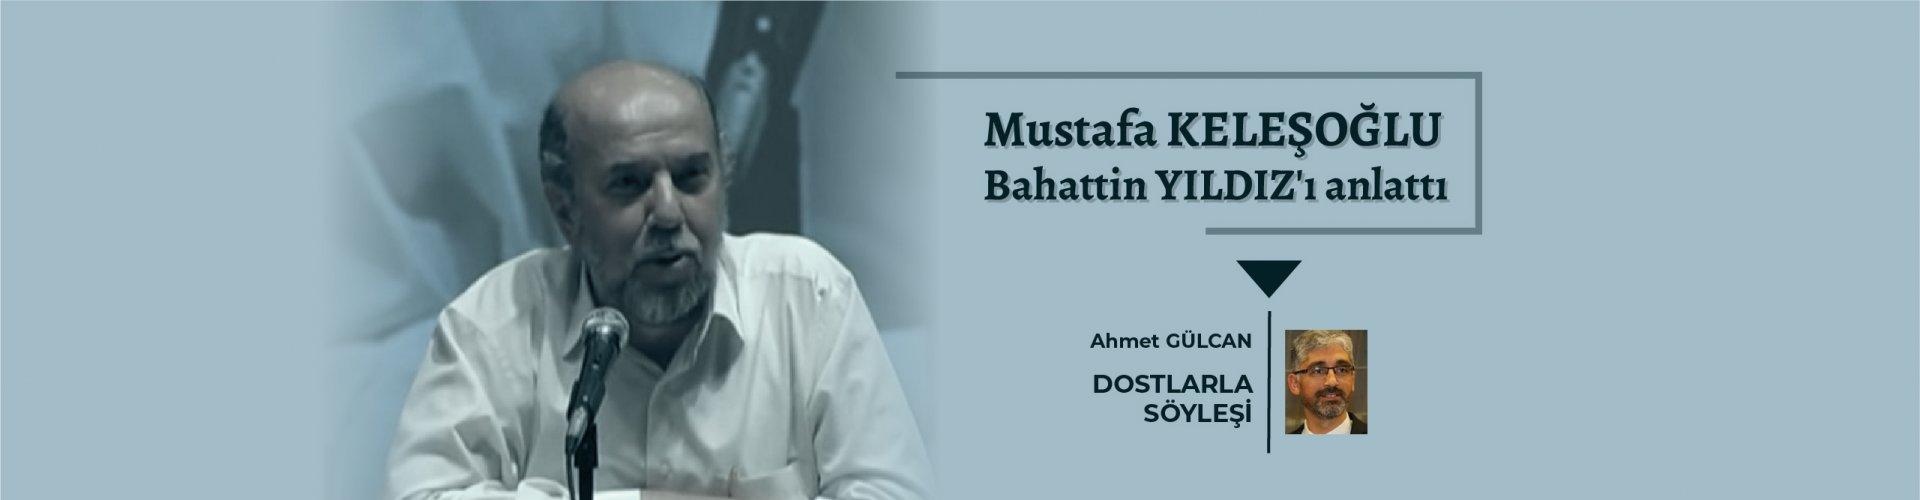 Ahmet GÜLCAN - Mustafa KELEŞOĞLU RÖP